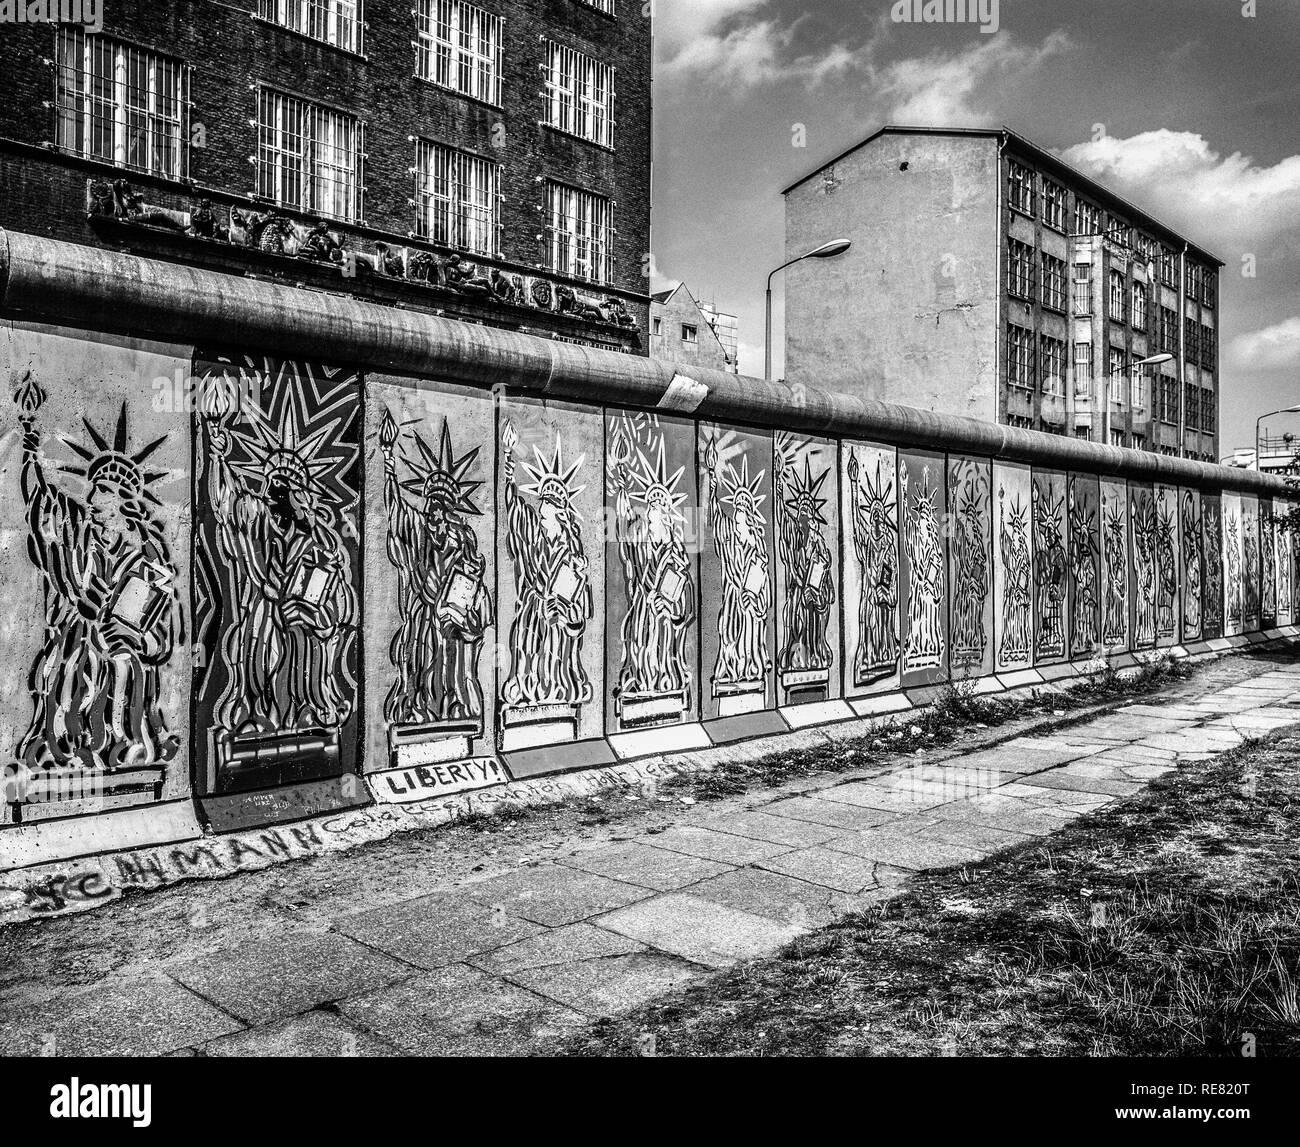 August 1986, Berlin Wall, Statue of Liberty frescos, western side, East Berlin buildings, Zimmerstrasse street, West Berlin side, Germany, Europe, - Stock Image